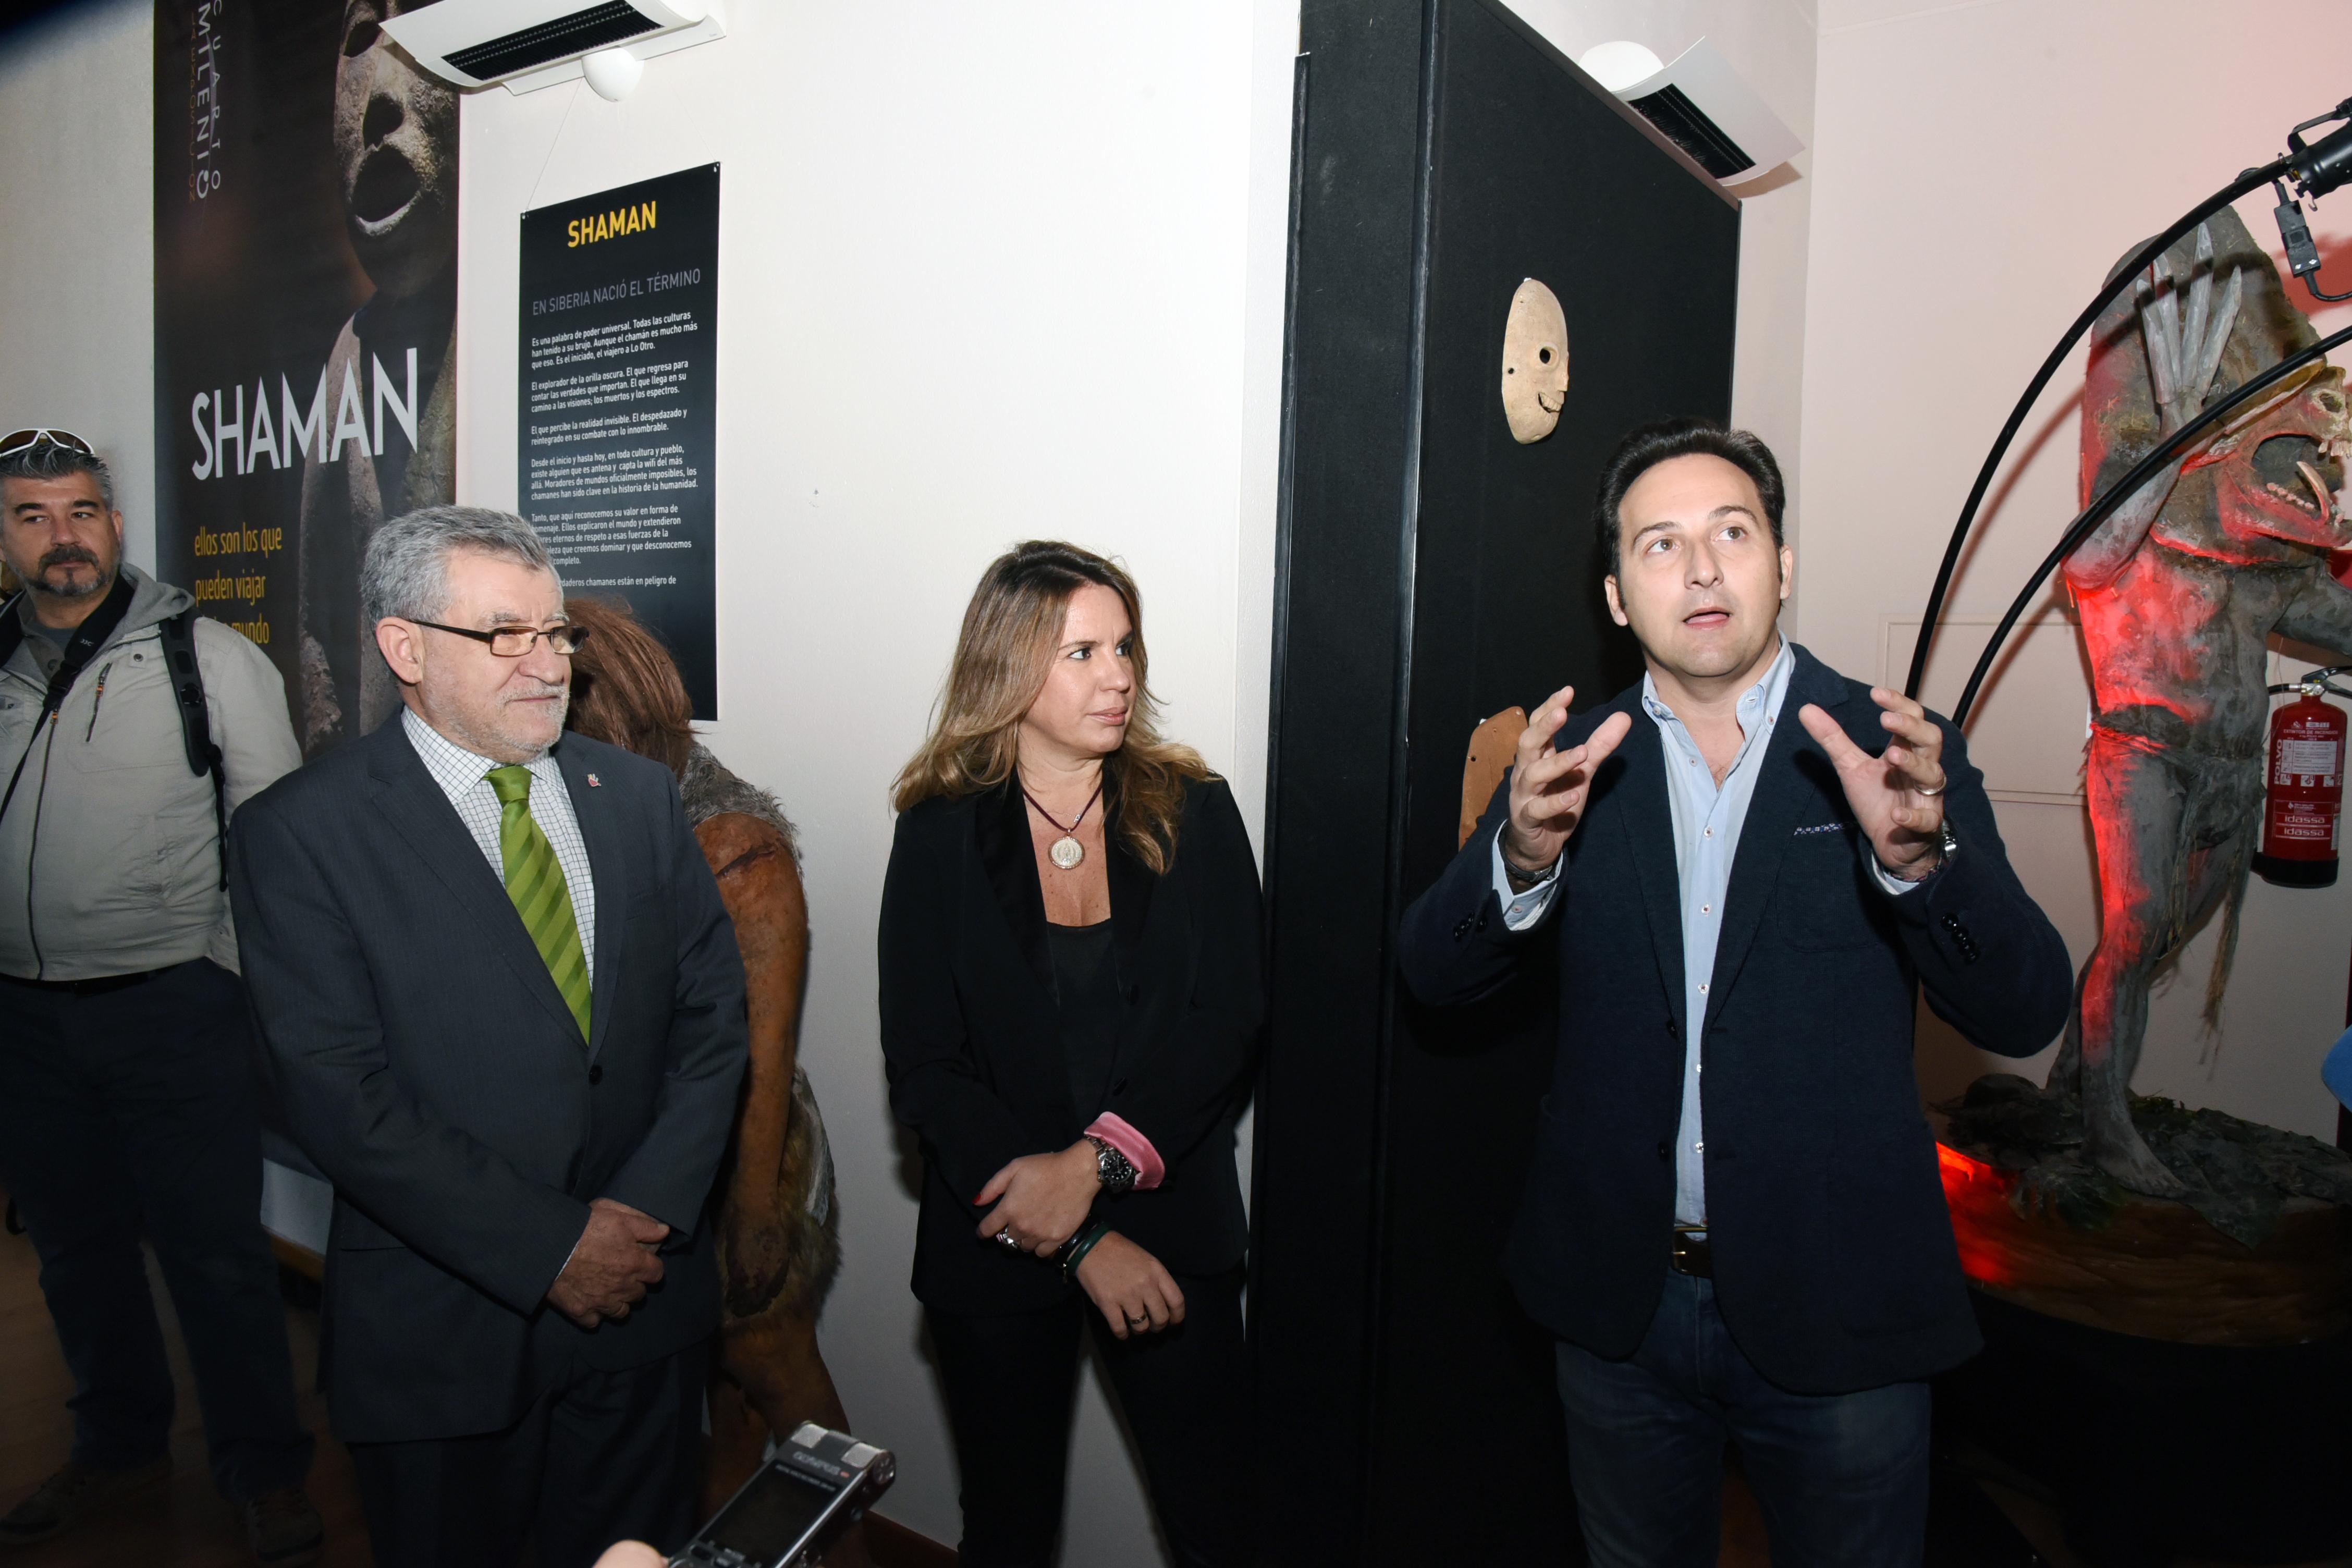 Archivo:Inauguración exposición \'Cuarto milenio\' (31906217200).jpg ...